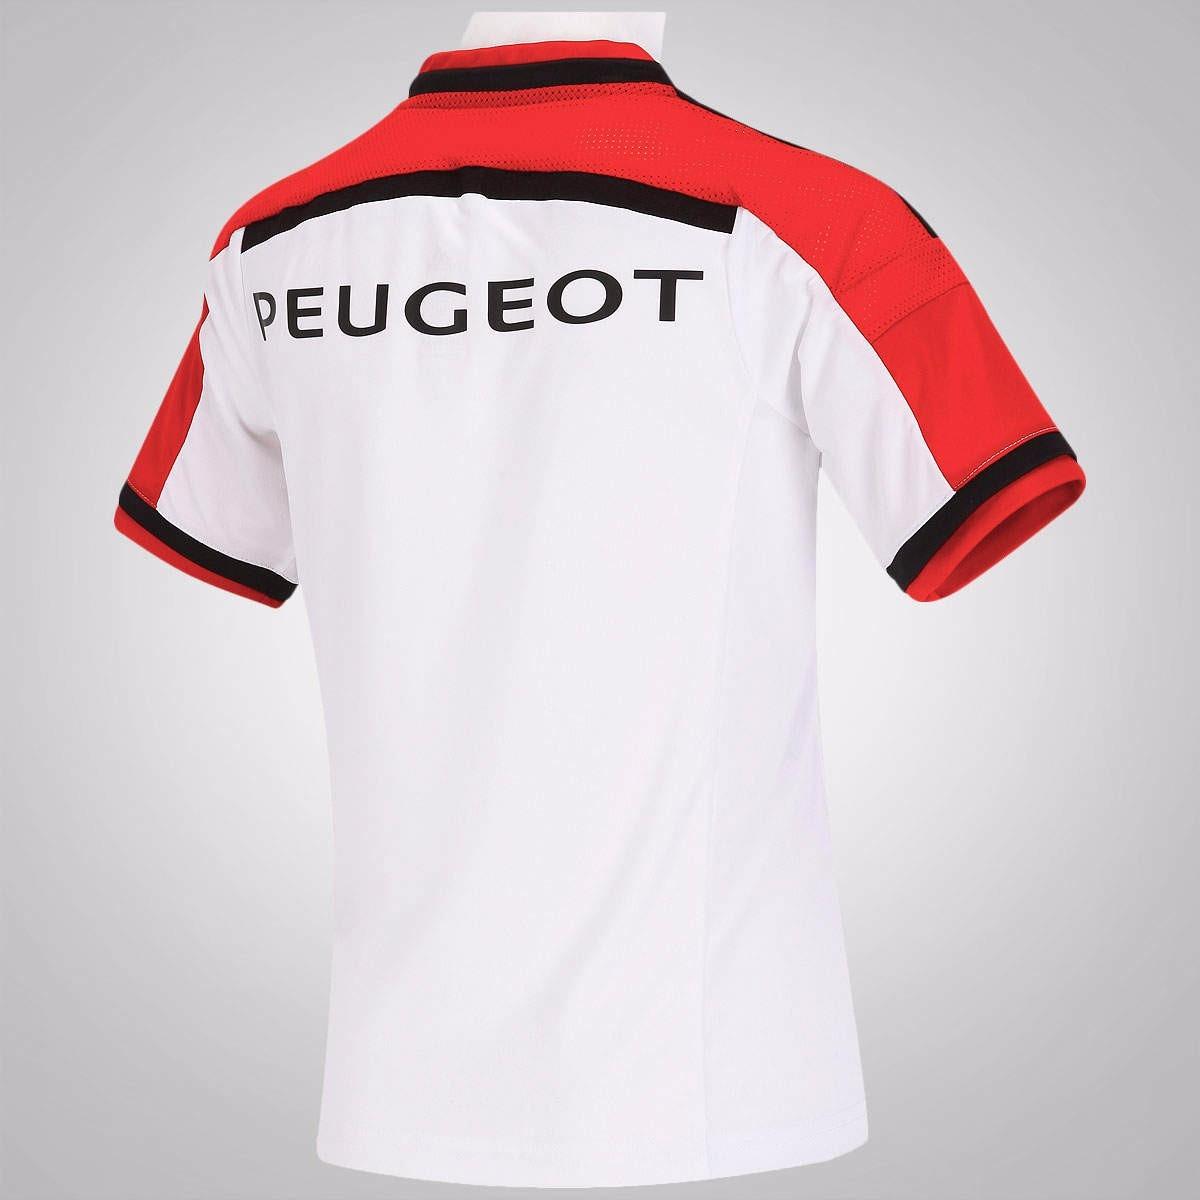 camisa flamengo infantil adidas oficial super promoção. Carregando zoom. 6d770ae61b0b7